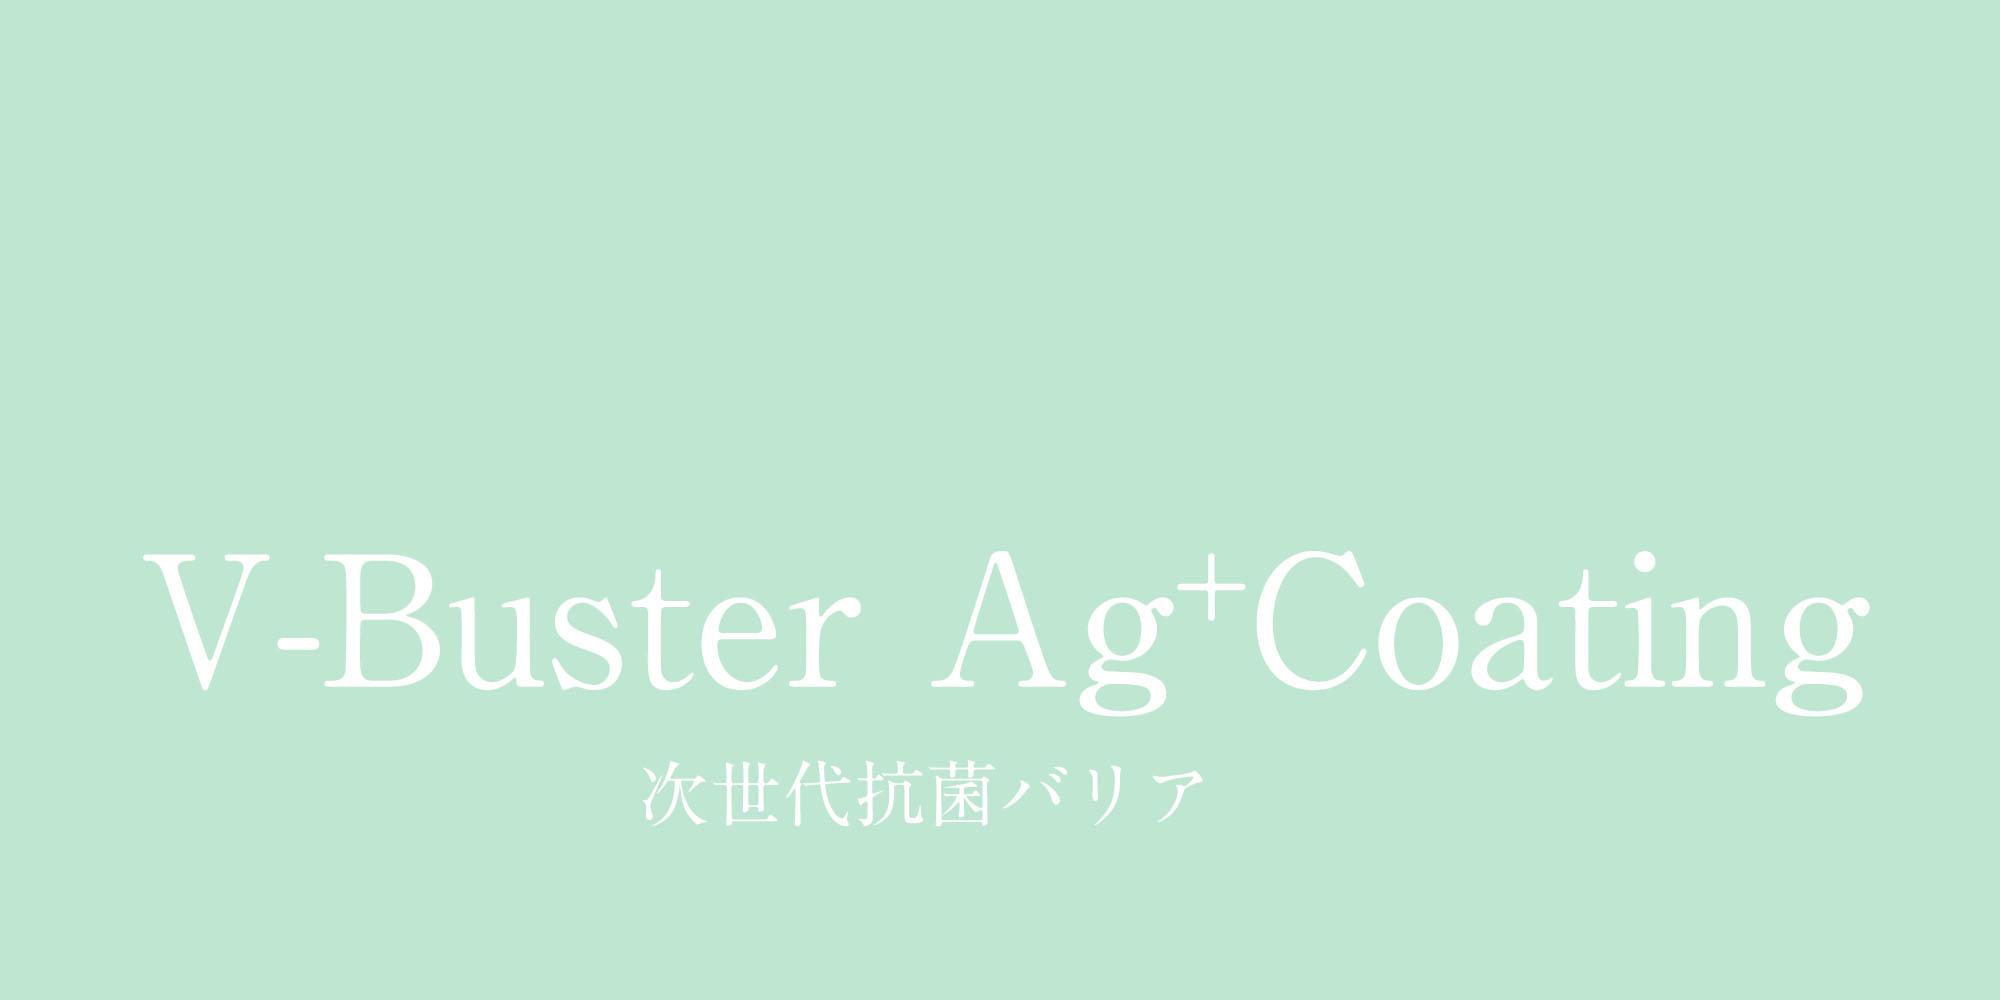 V-Buster Ag+Coating